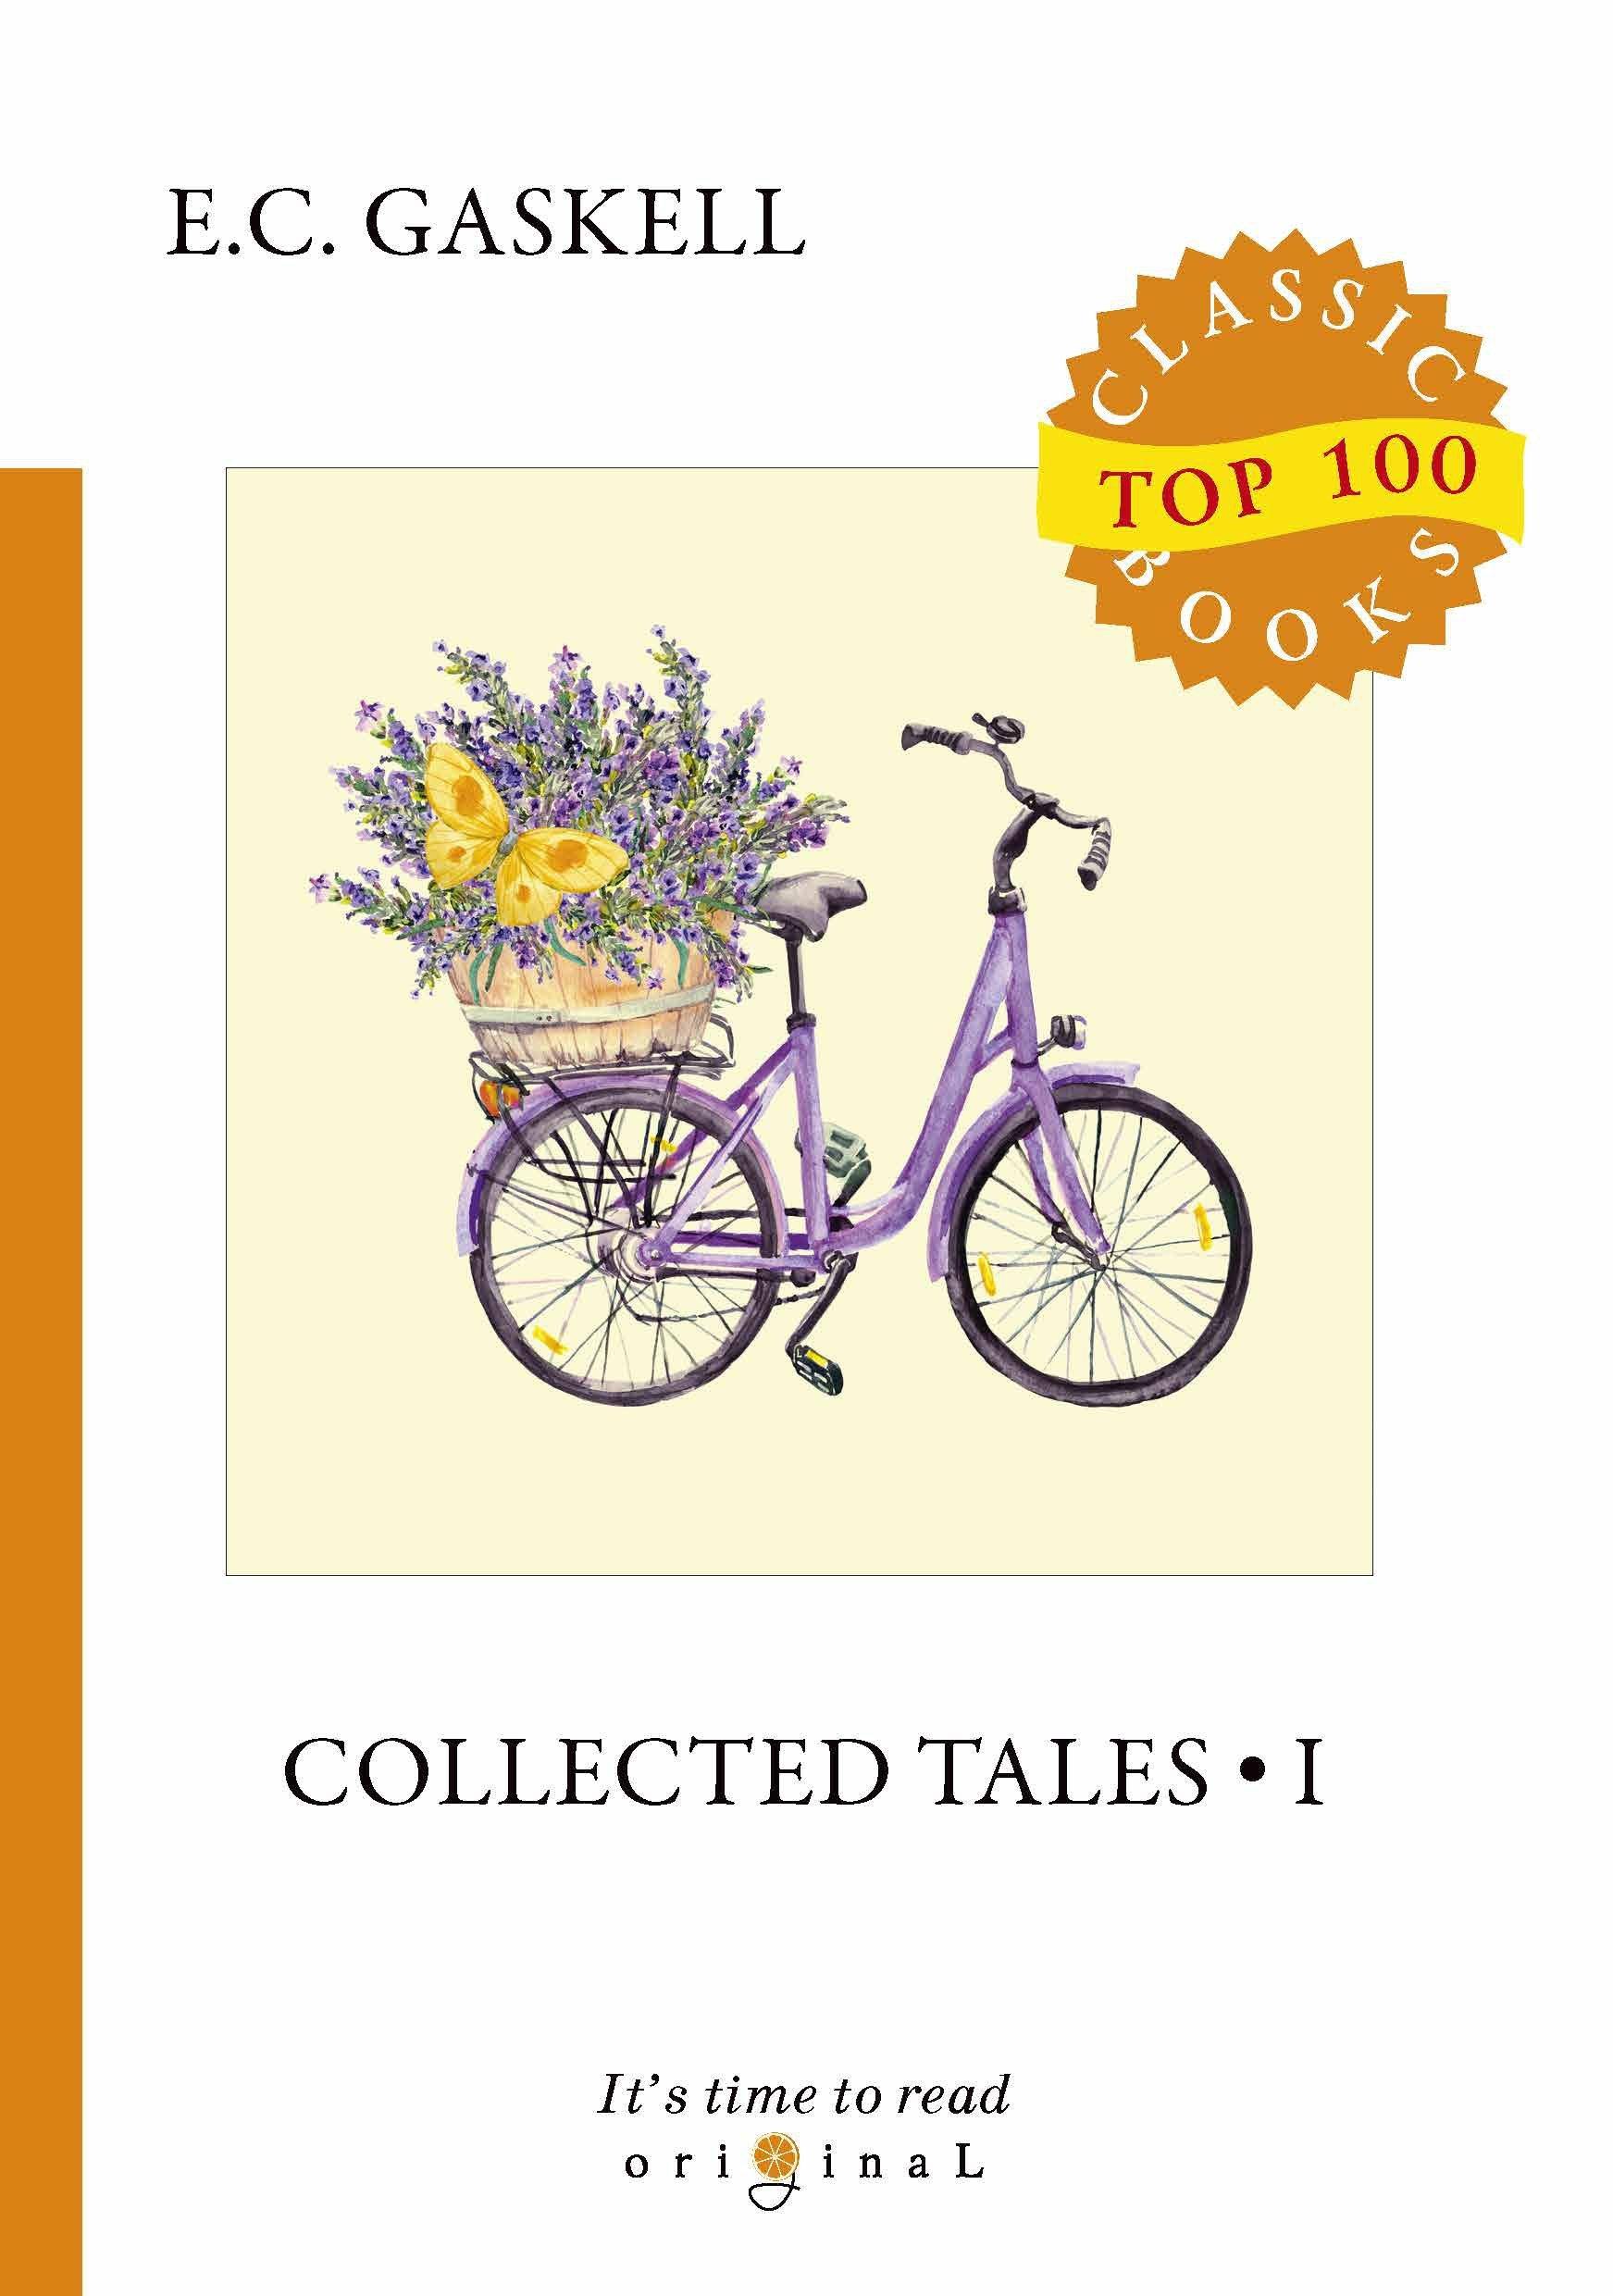 Гаскелл Элизабет Collected Tales 1 = Сборник историй 1: на англ.яз гаскелл элизабет short stories the old nurse's story and other tales сборник рассказы старой медсестры и другие истории на англ яз